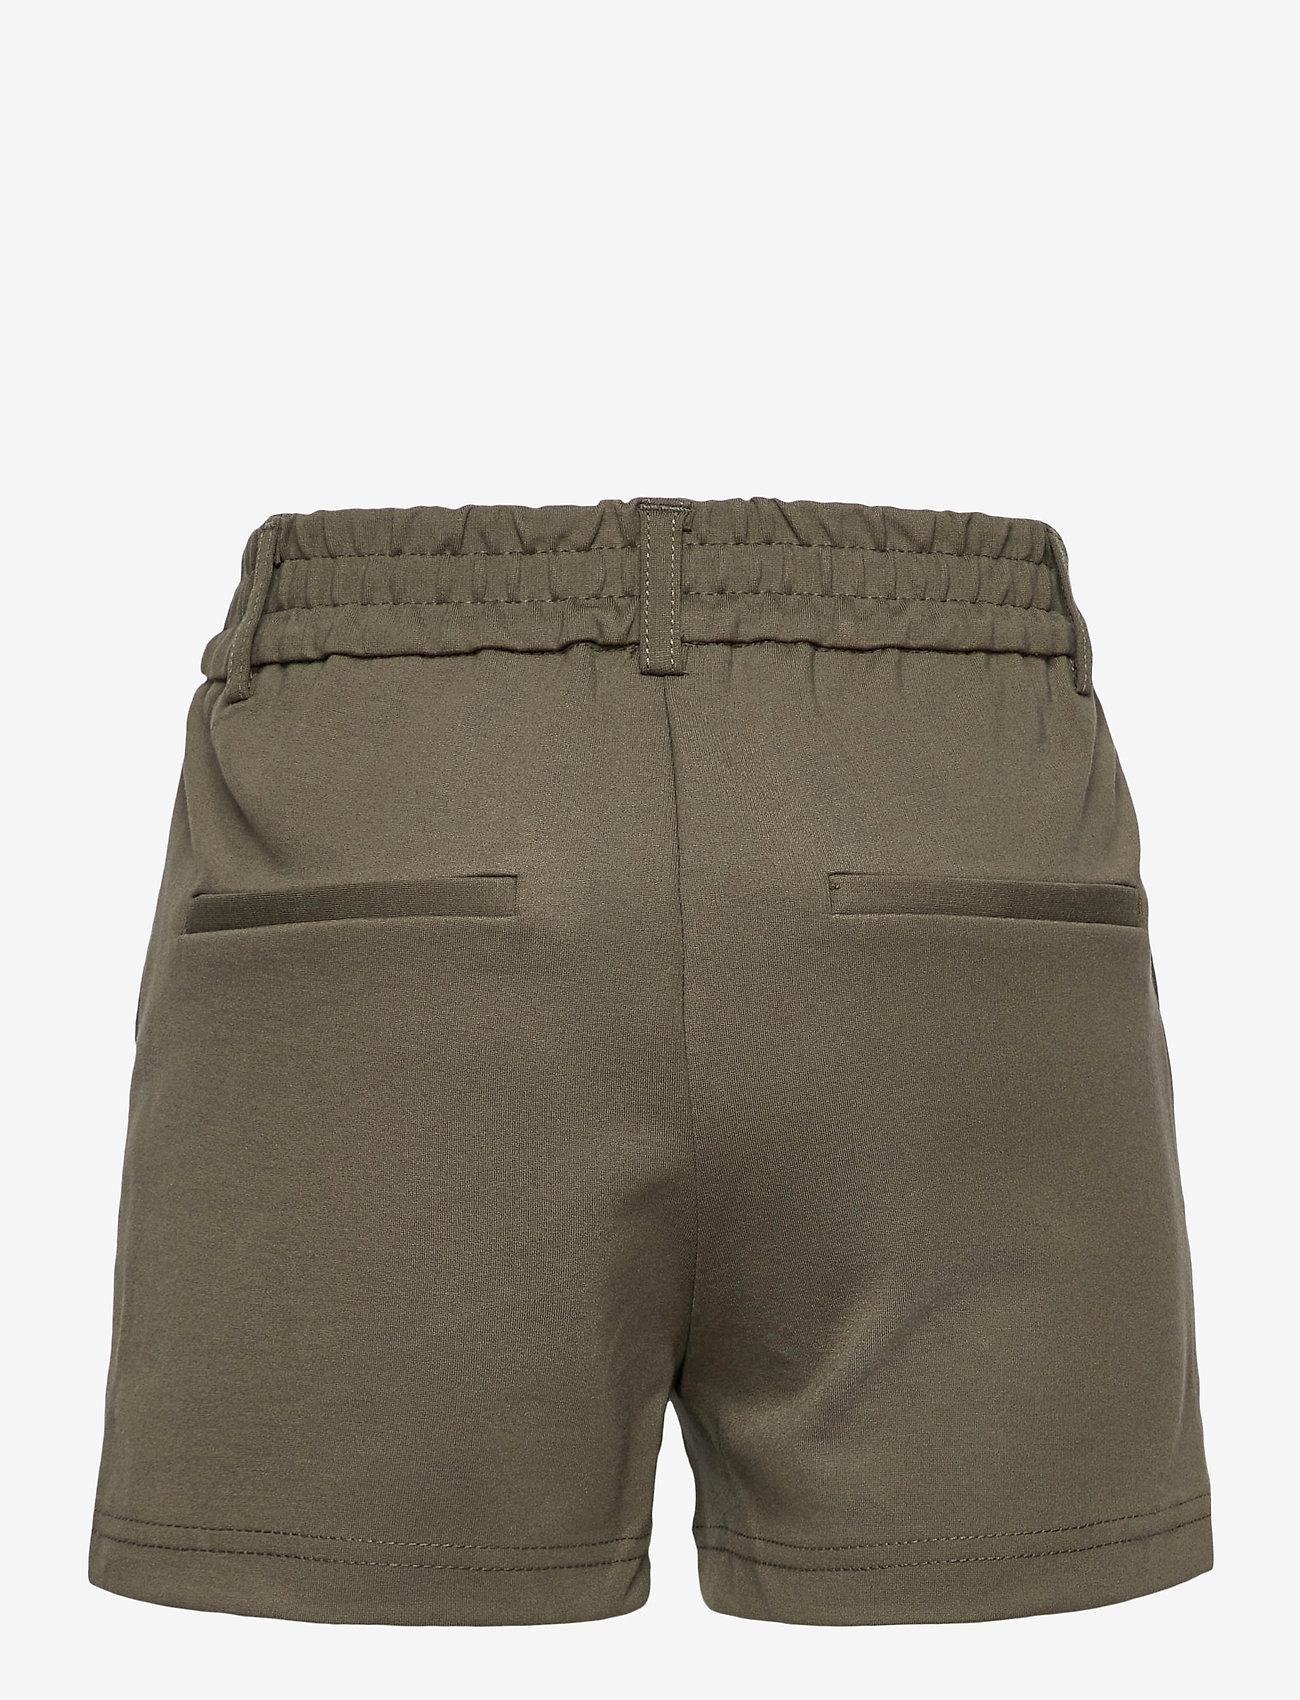 Kids Only - KONPOPTRASH EASY SHORTS NOOS - shorts - kalamata - 1